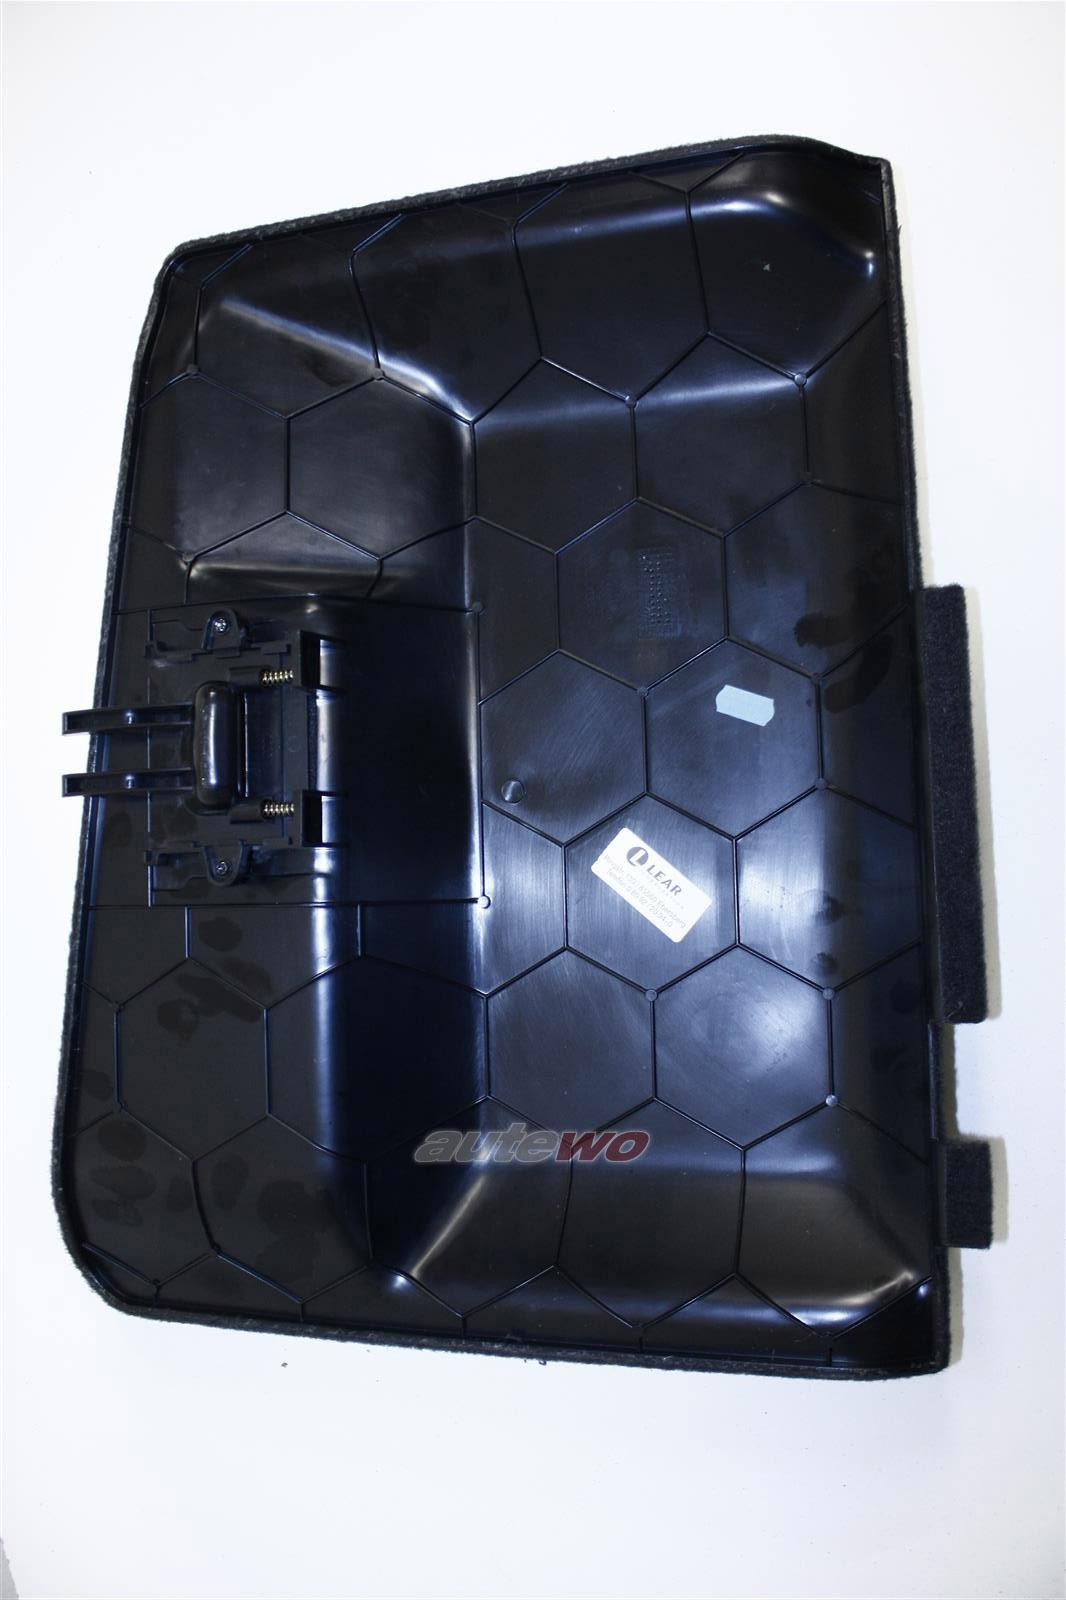 Audi A8/S8 D2 Abdeckung Kofferraumverkleidung Navigation Links grau 4D0863475B